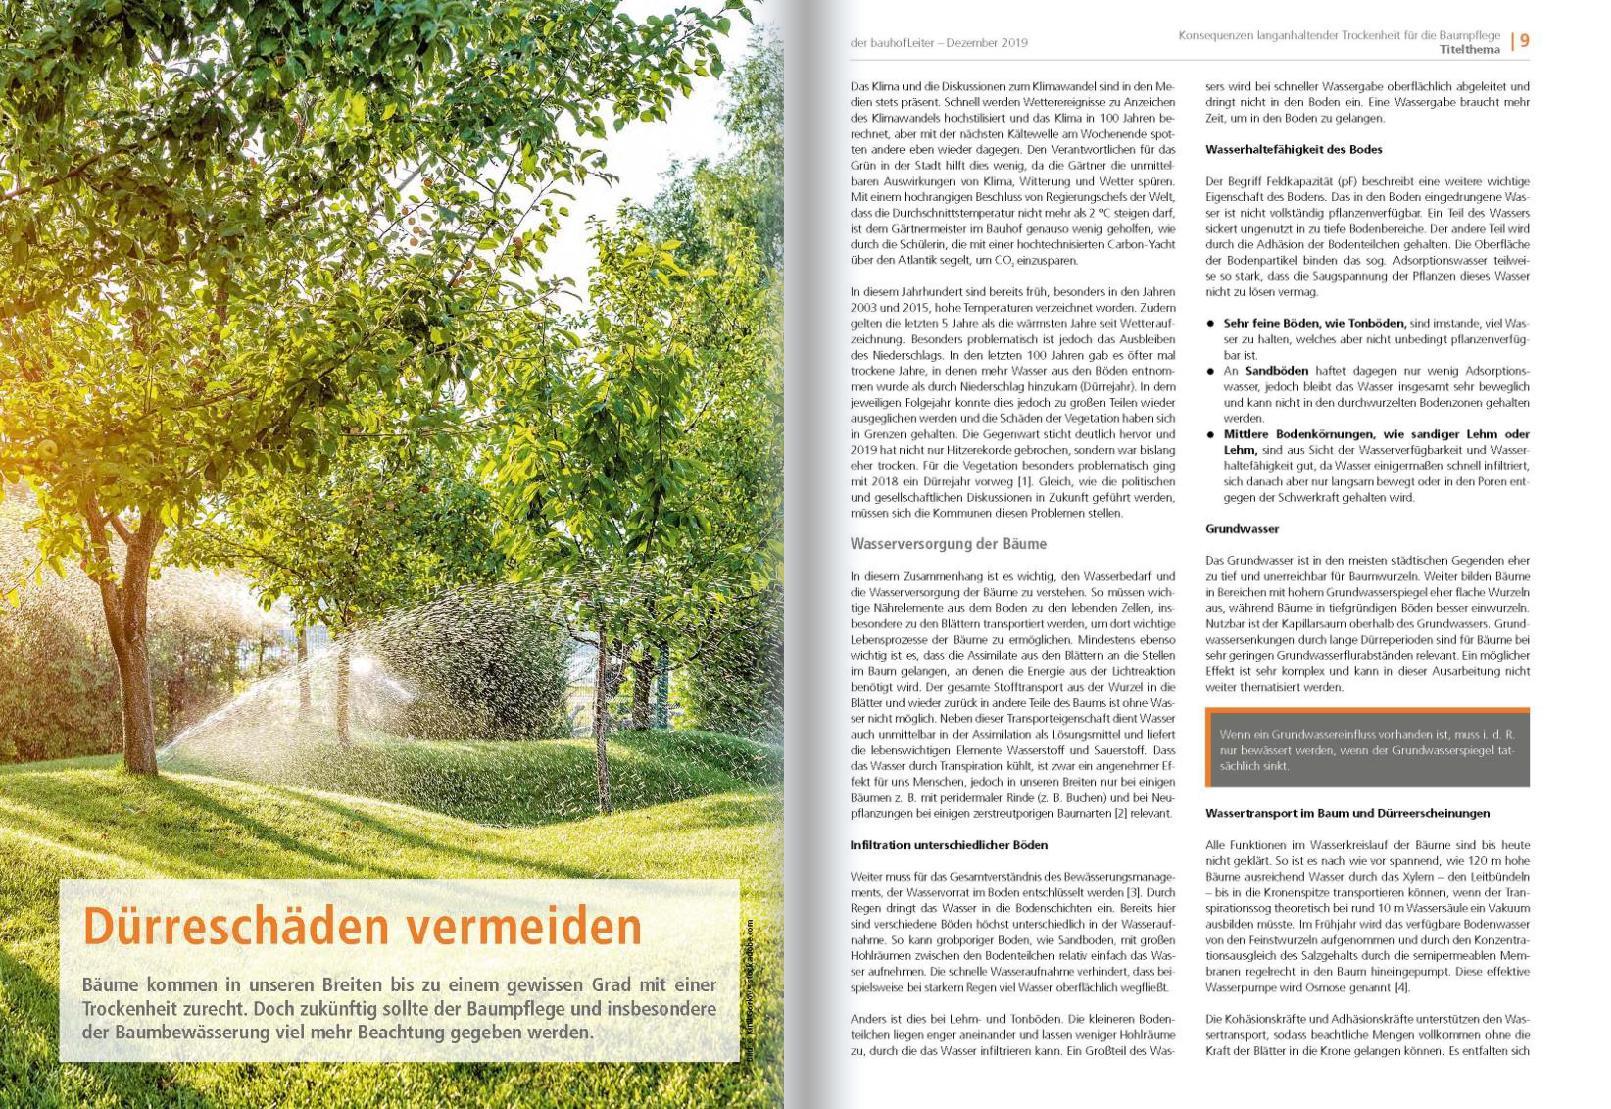 2020-01 Baumpflege 01